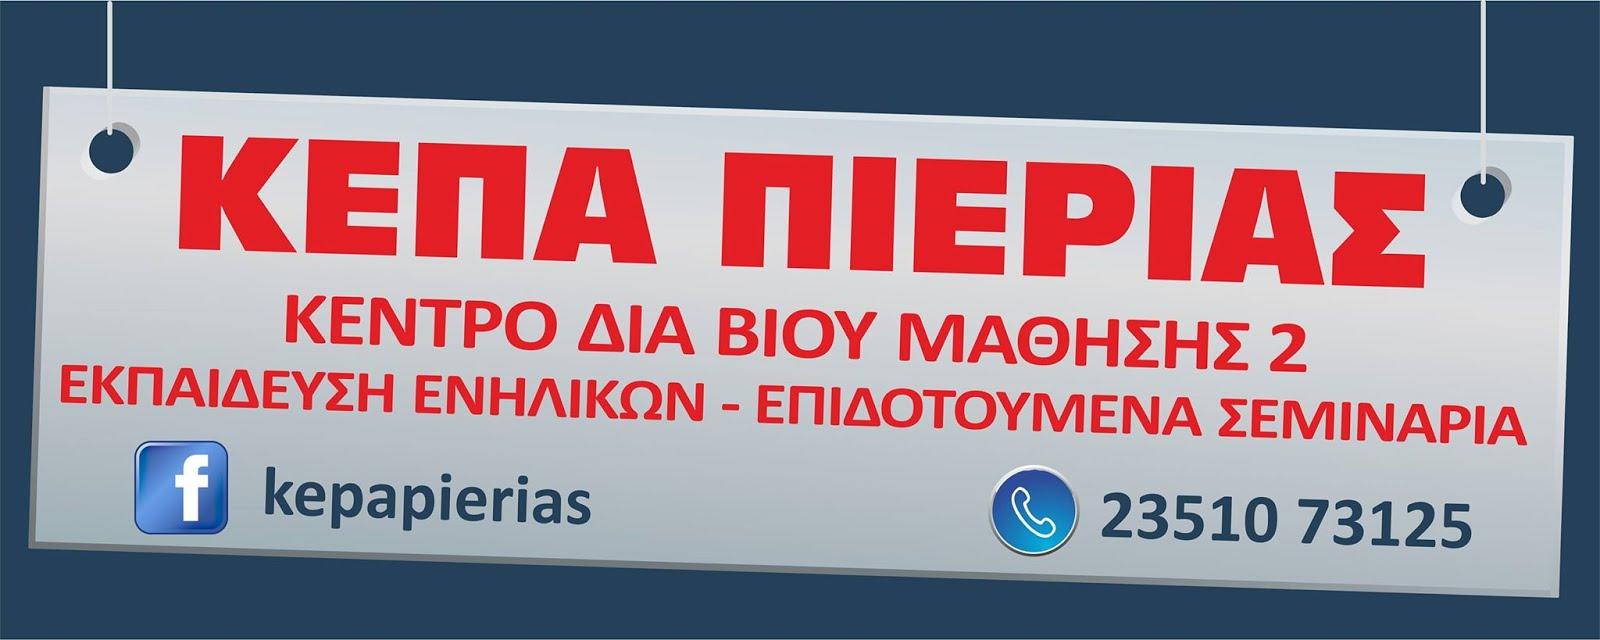 ΚΕΠΑ ΠΙΕΡΙΑΣ - Κε. Δι. Βι.Μ 2, Εκπαίδευση Ενηλίκων - Επιδοτούμενα Σεμινάρια